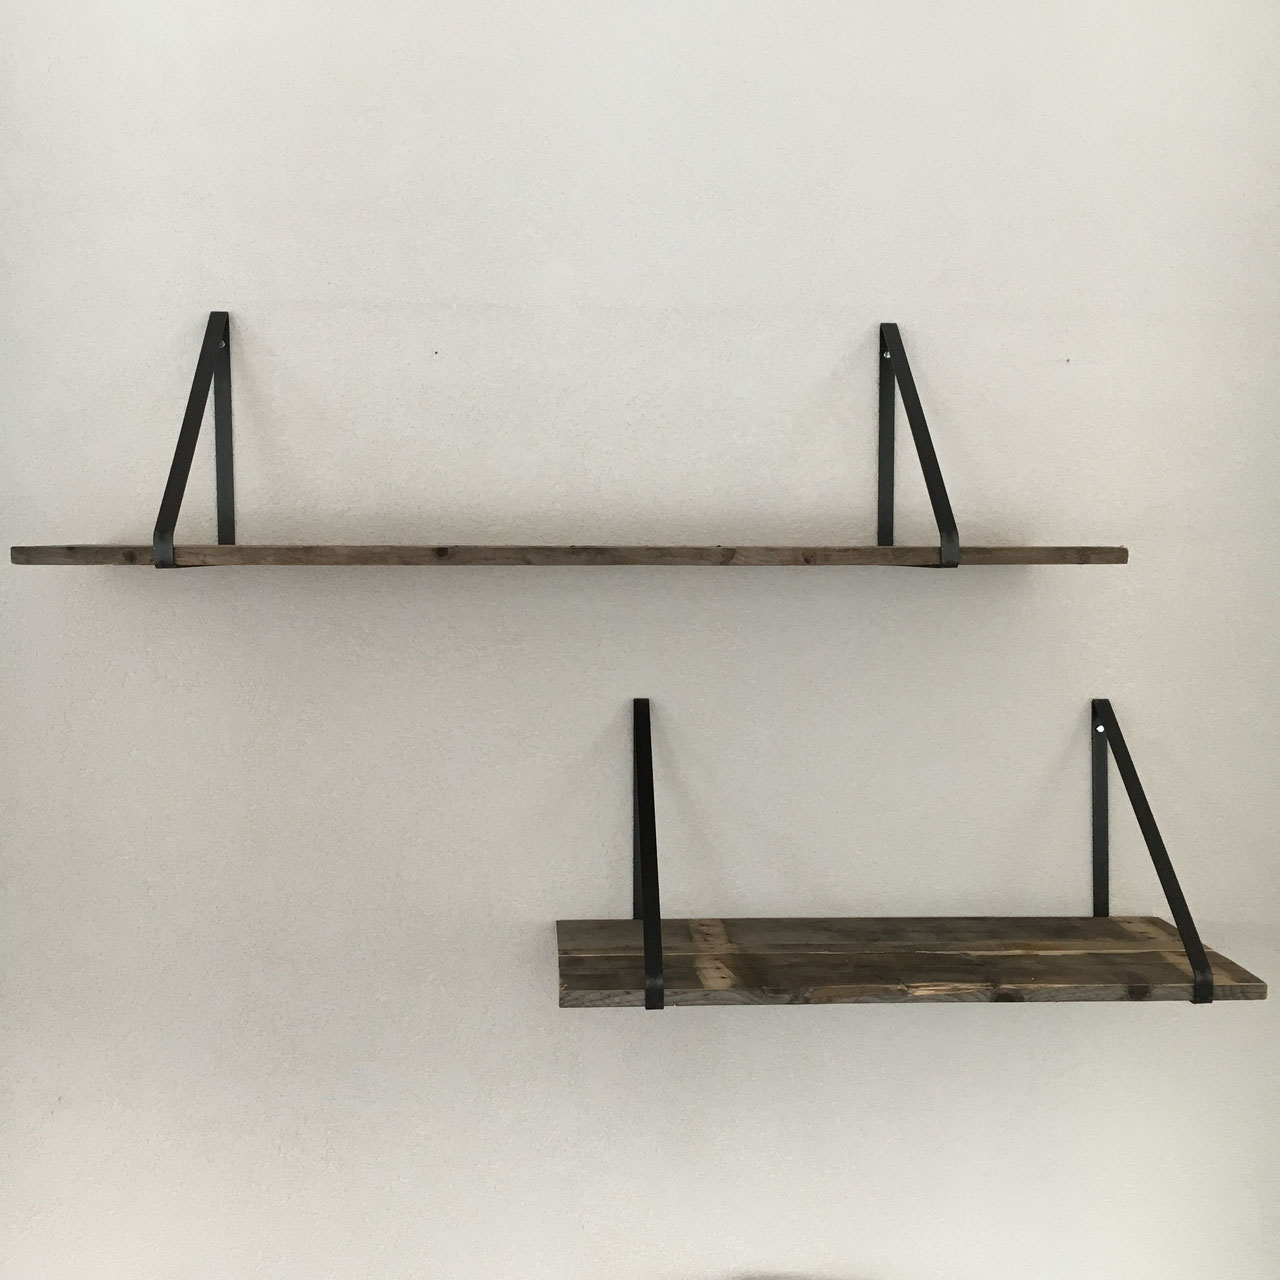 Wandplank Met Stalen Dragers.Plankendrager Staal En Sloophout